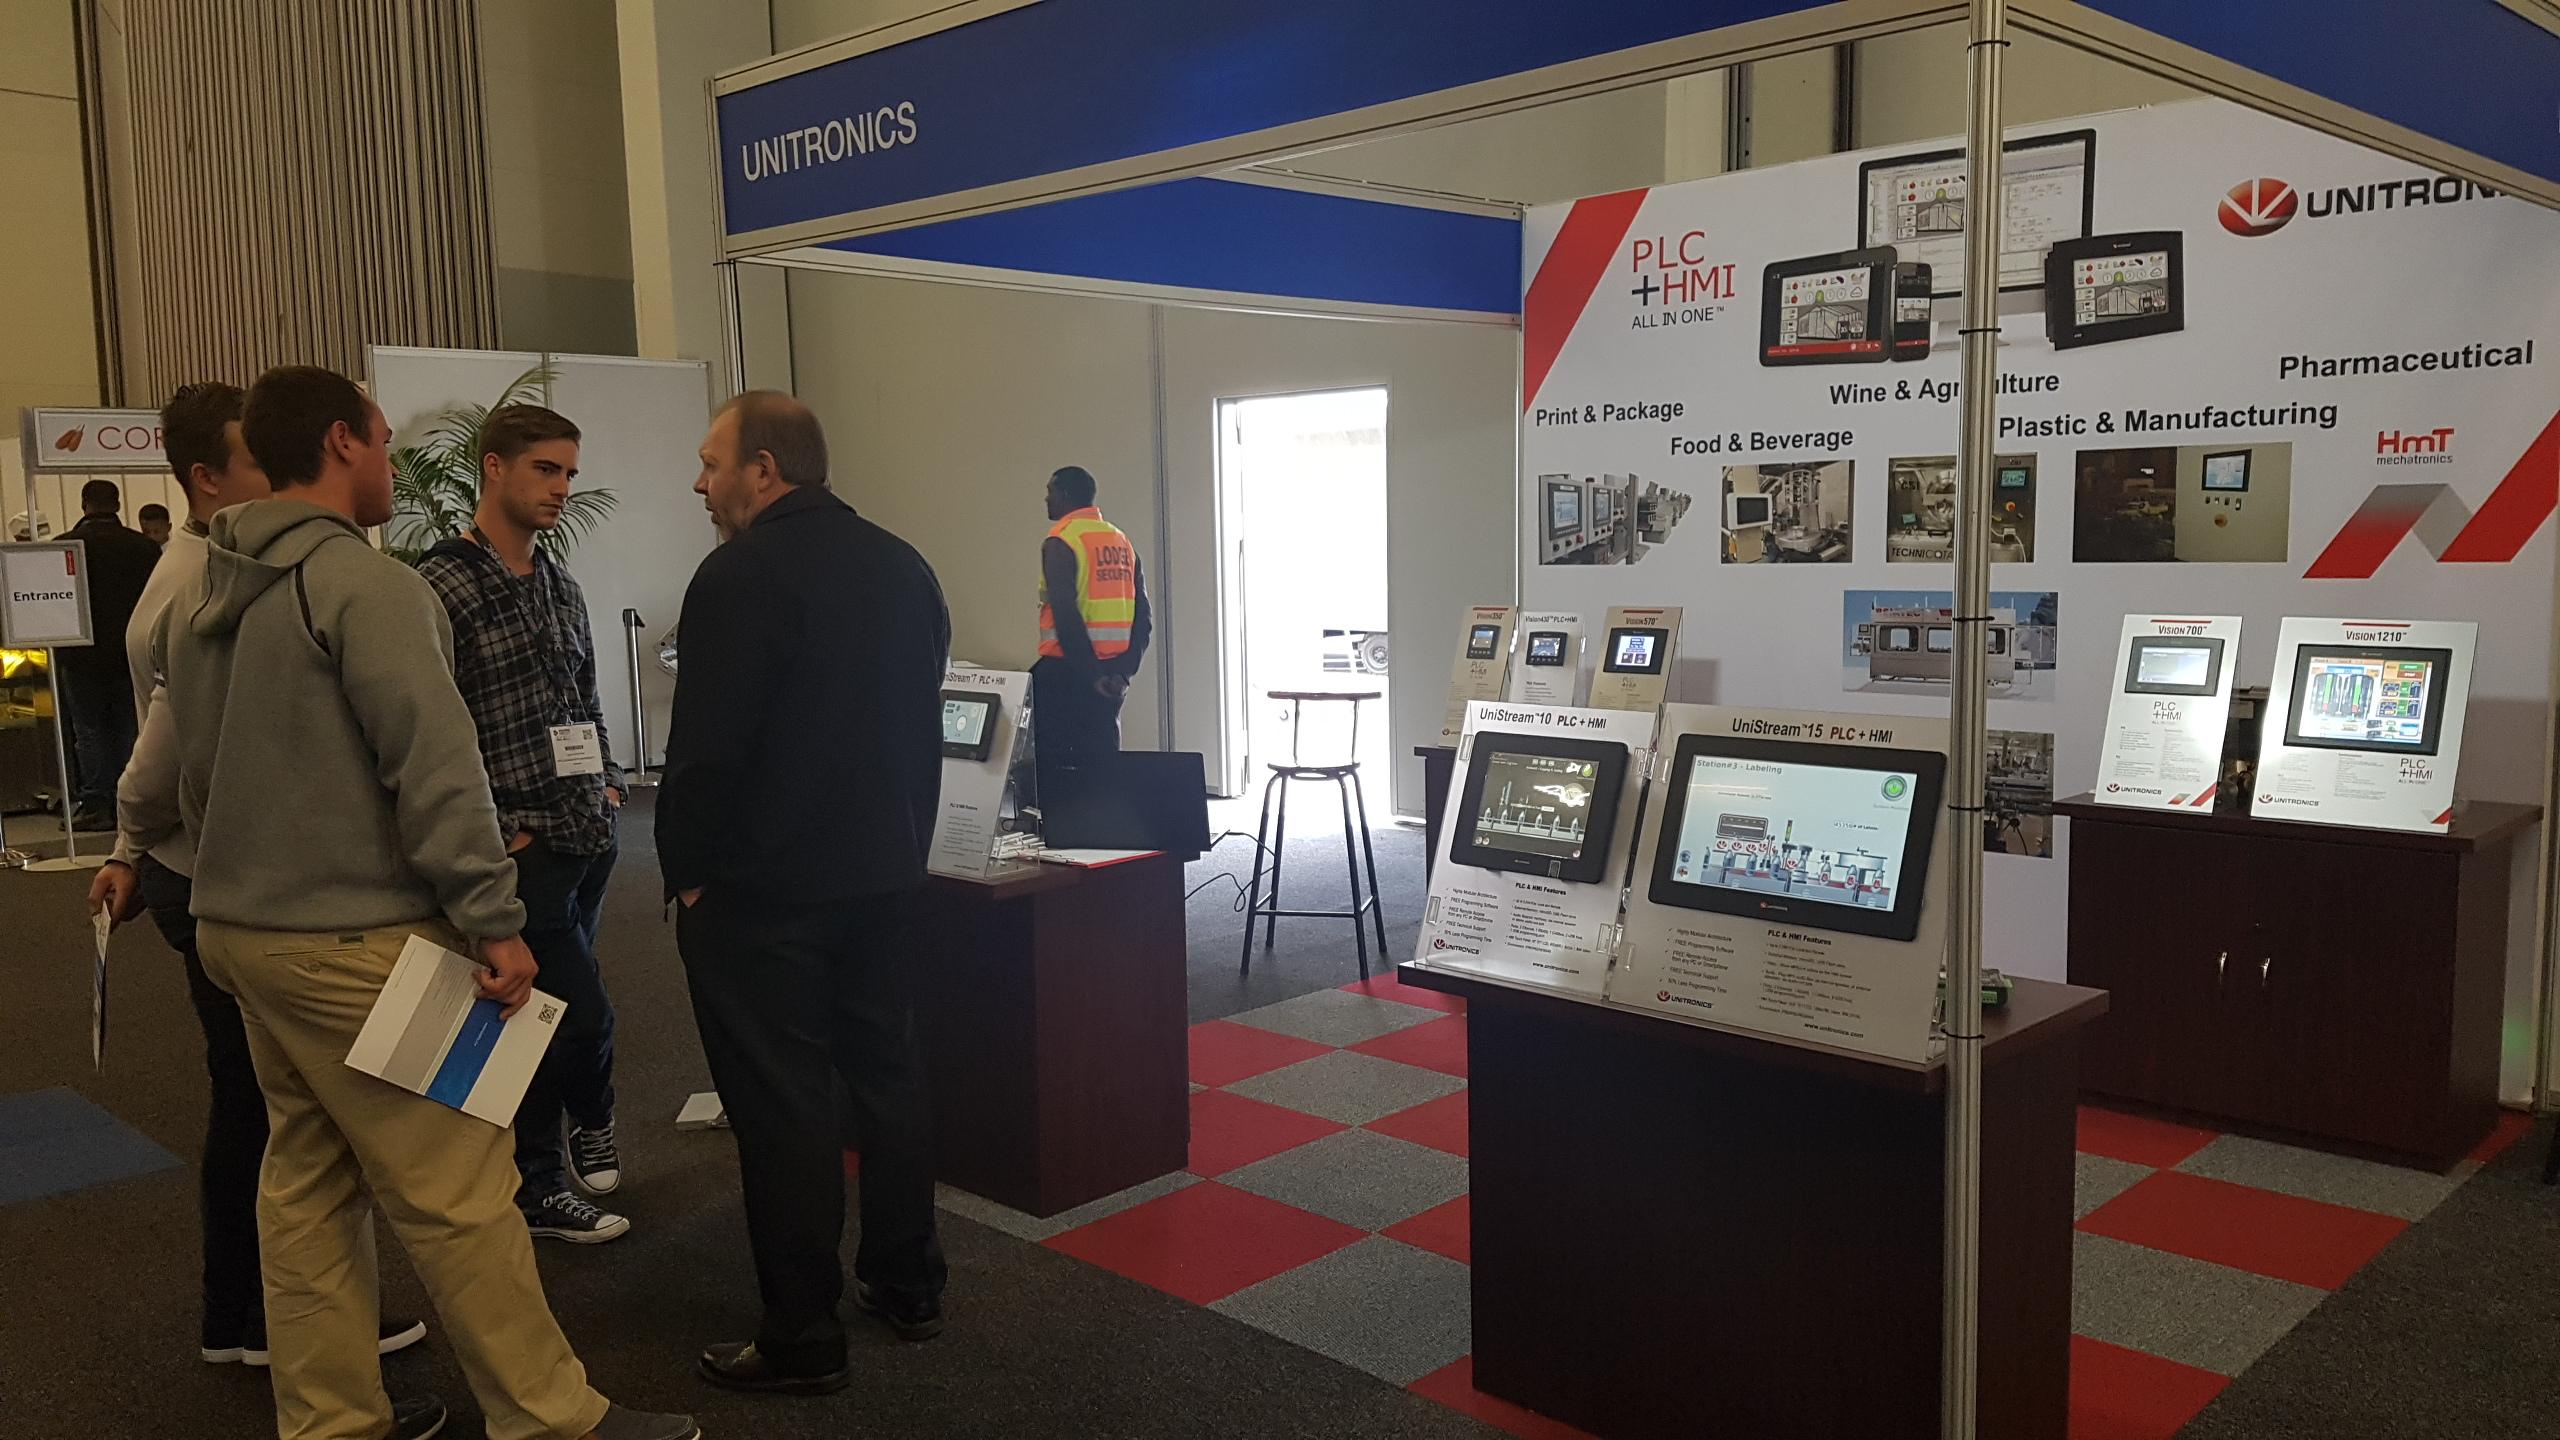 Expo Stands Cape Town : Propak 2017 cape town hmt mechatronics